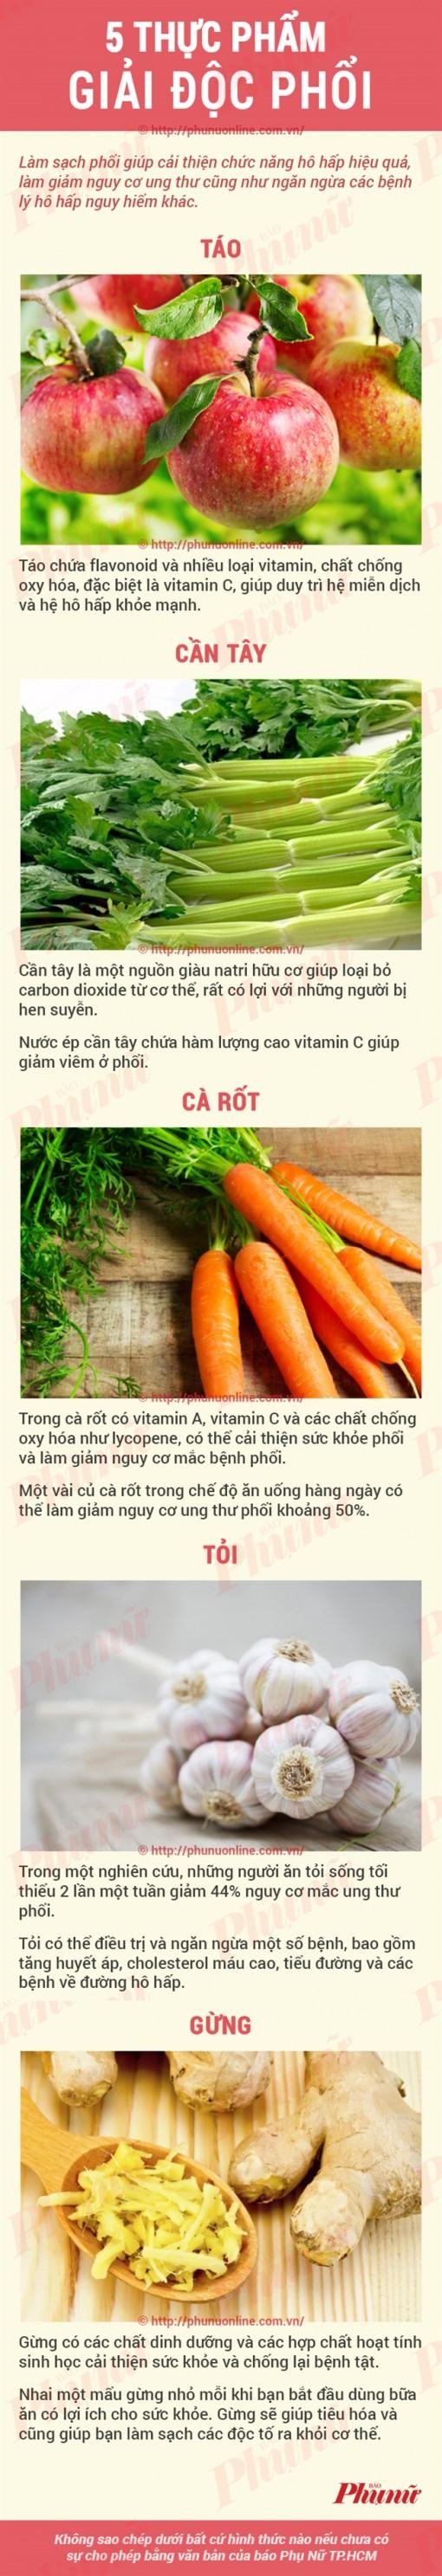 5 thực phẩm giải độc phổi